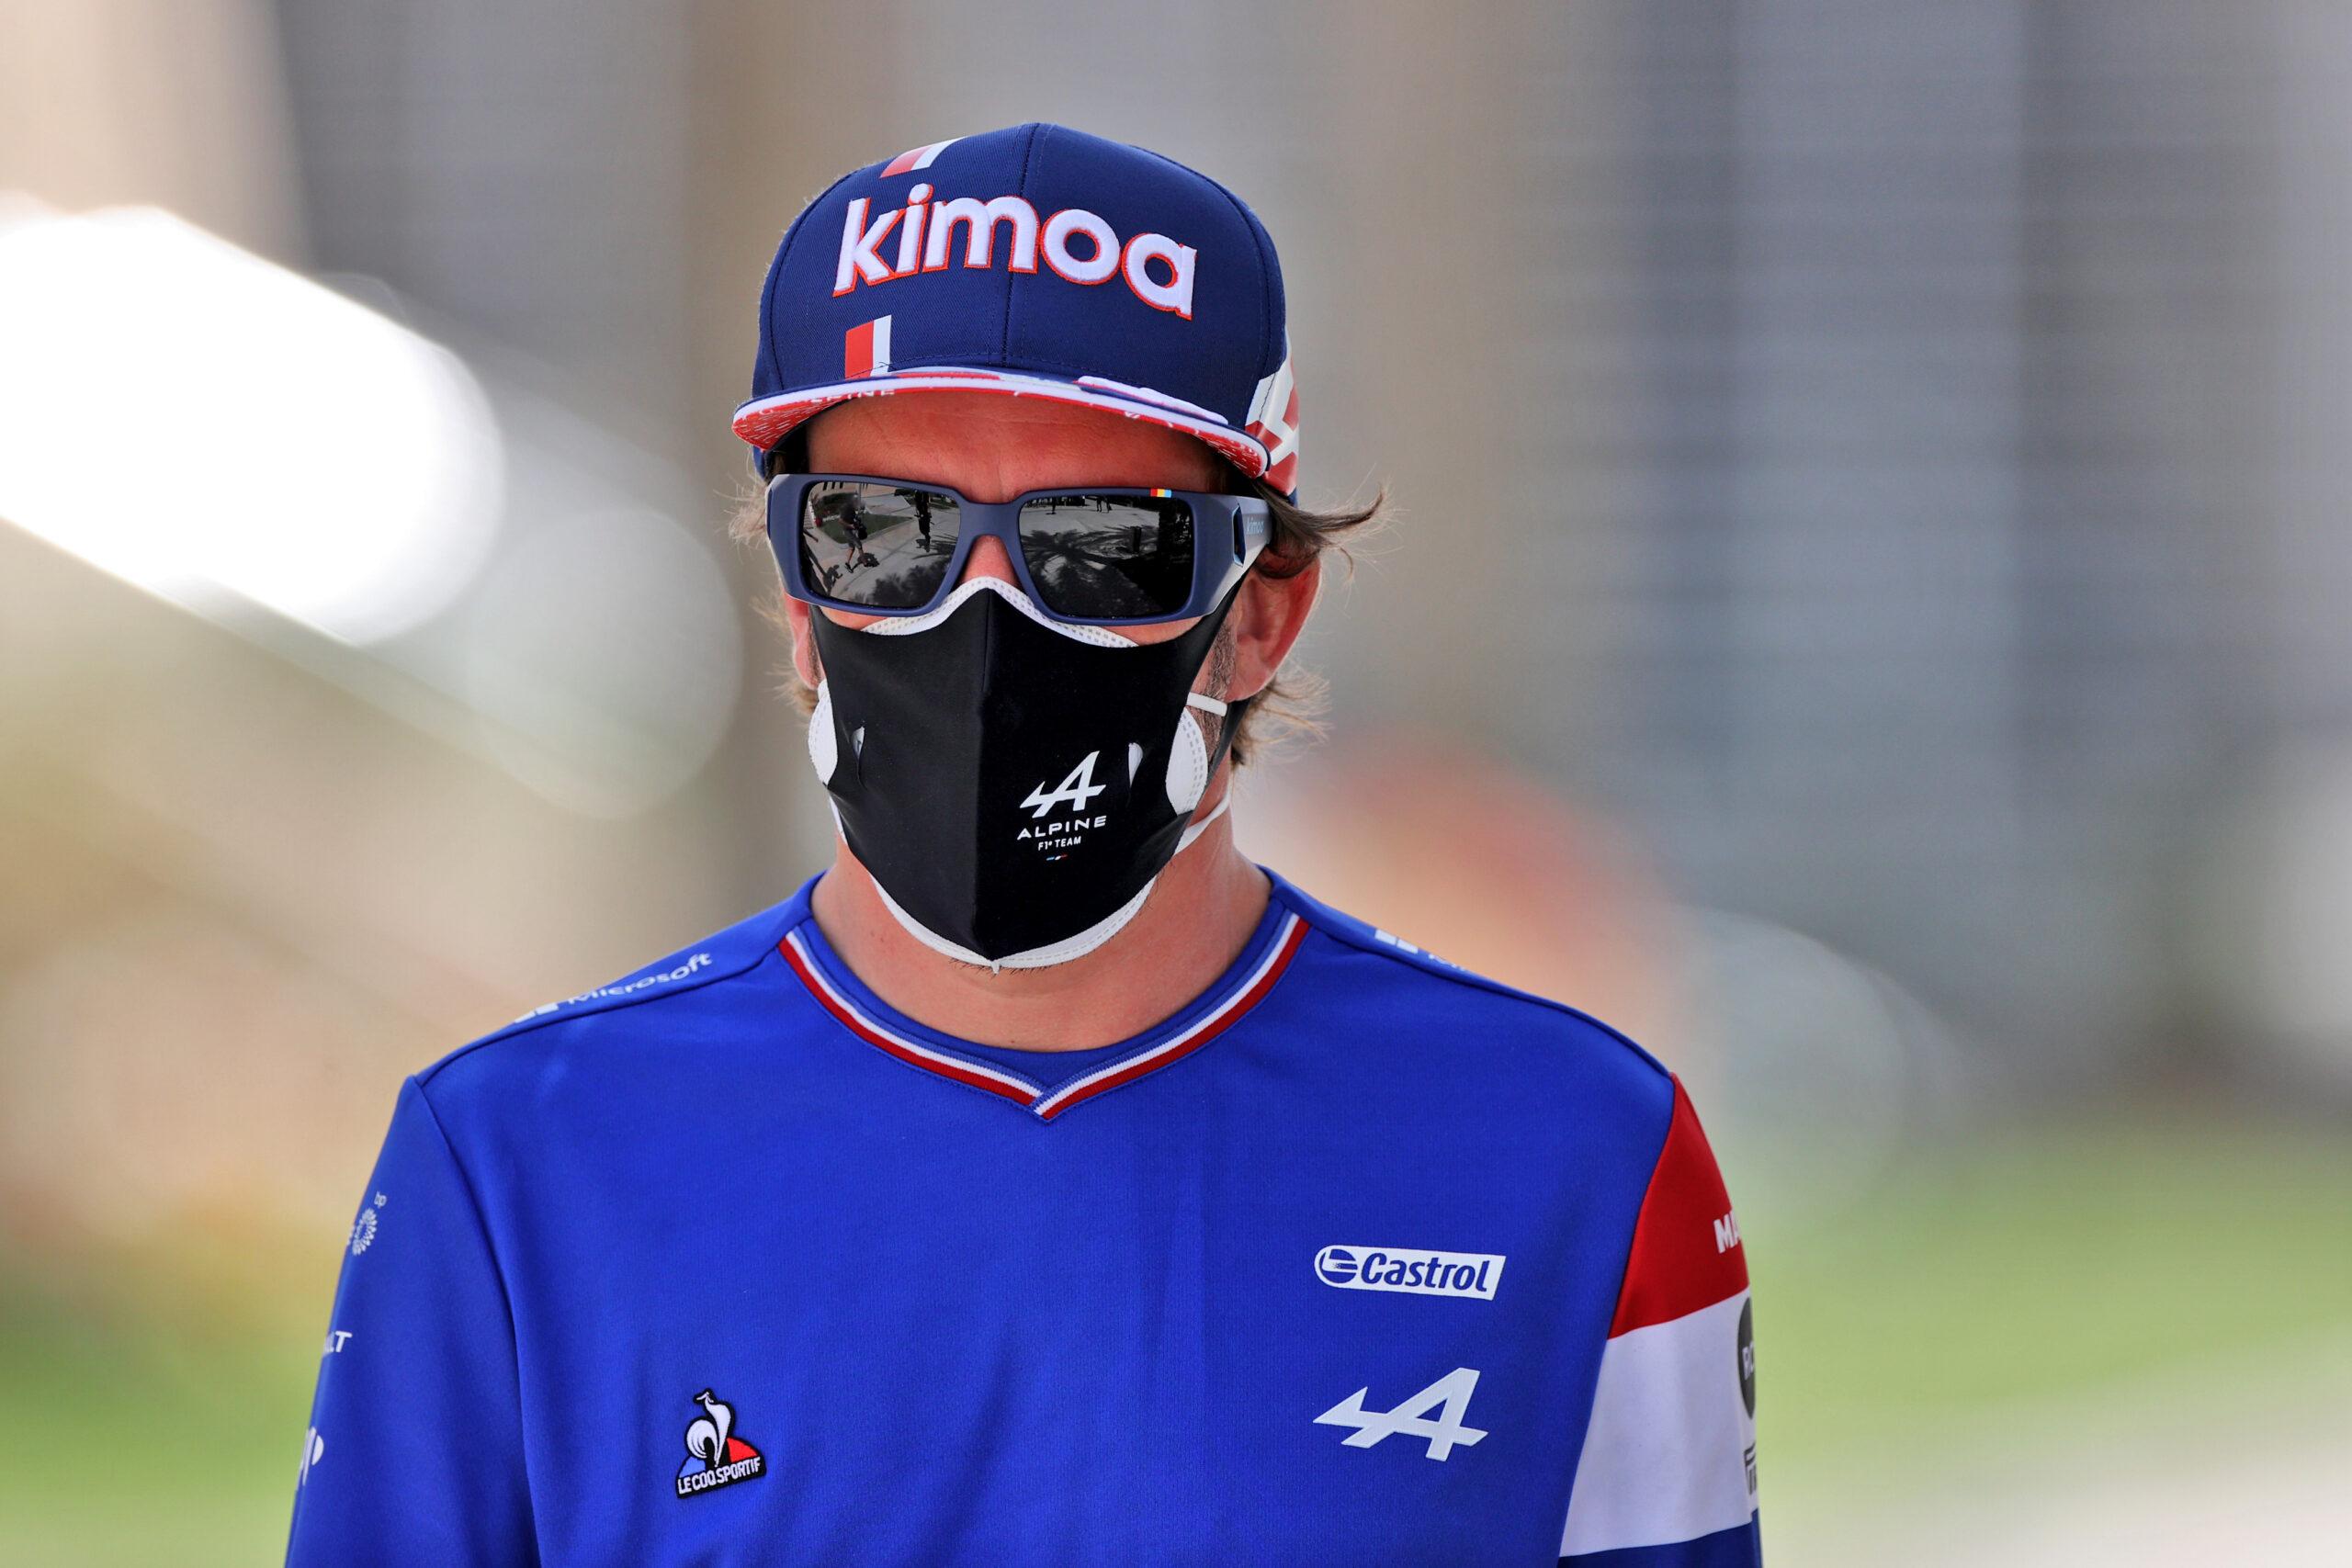 F1 - Jarno Trulli n'a aucun doute sur les capacités et la détermination d'Alonso